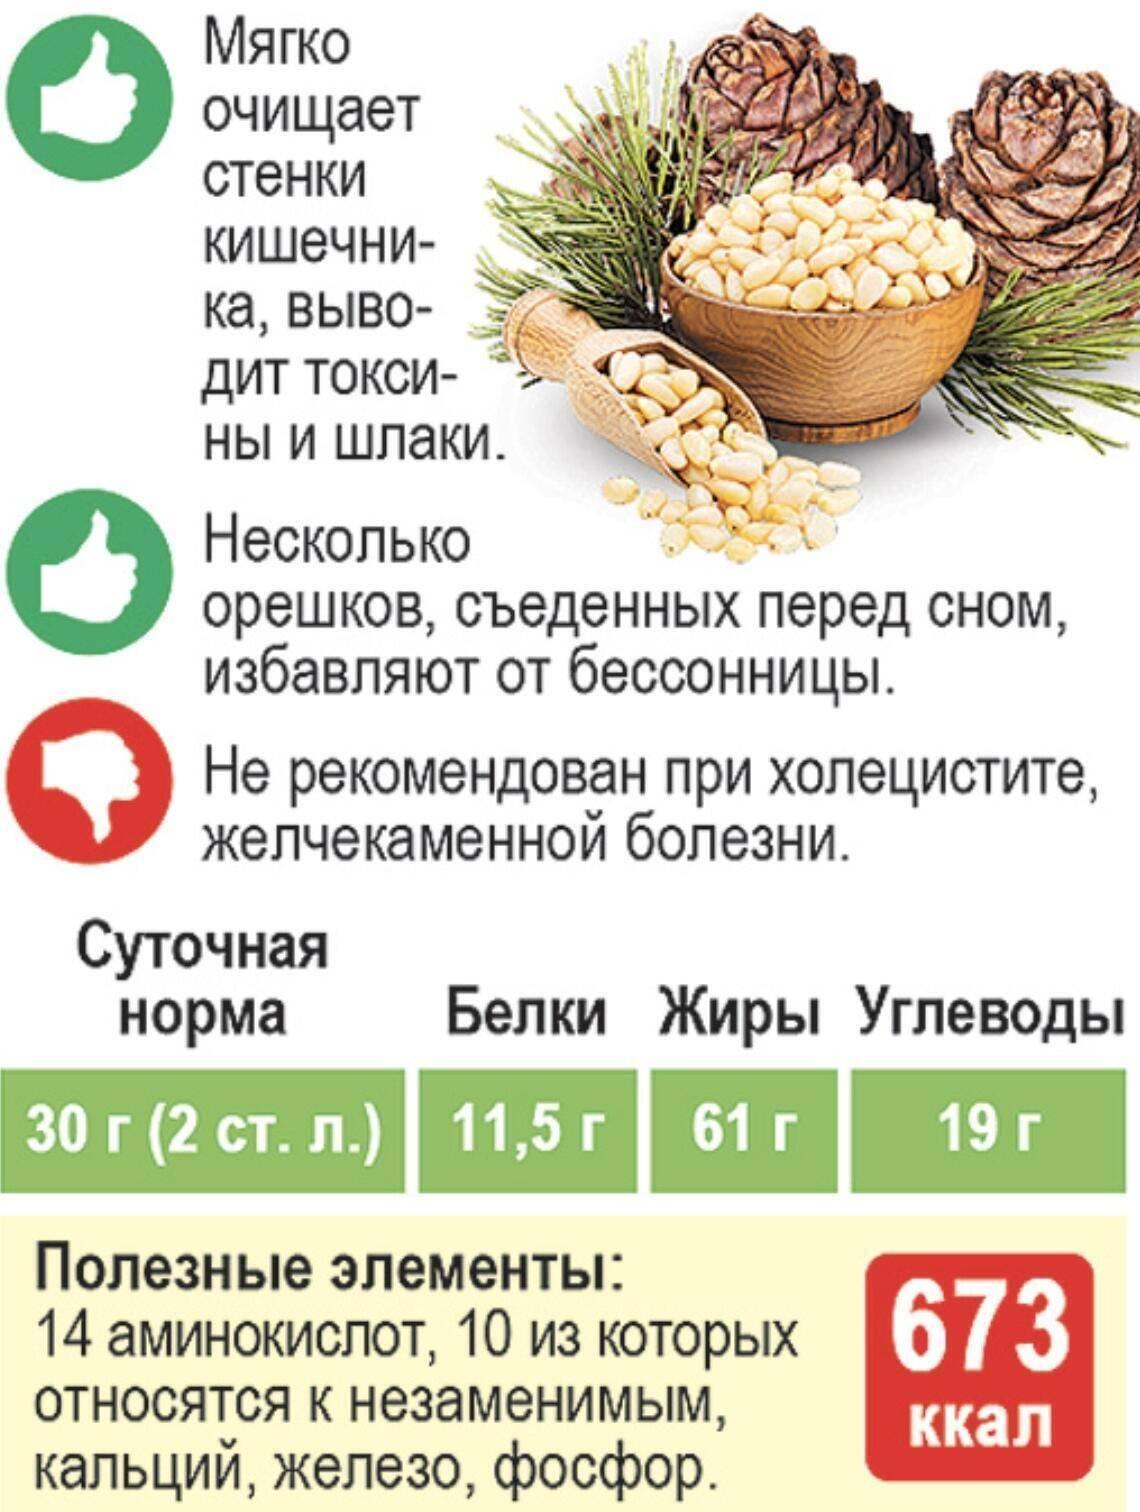 Вкусные и полезные кедровые орехи: как подобрать орешки в скорлупе, нужно ли замачивать, как правильно есть?